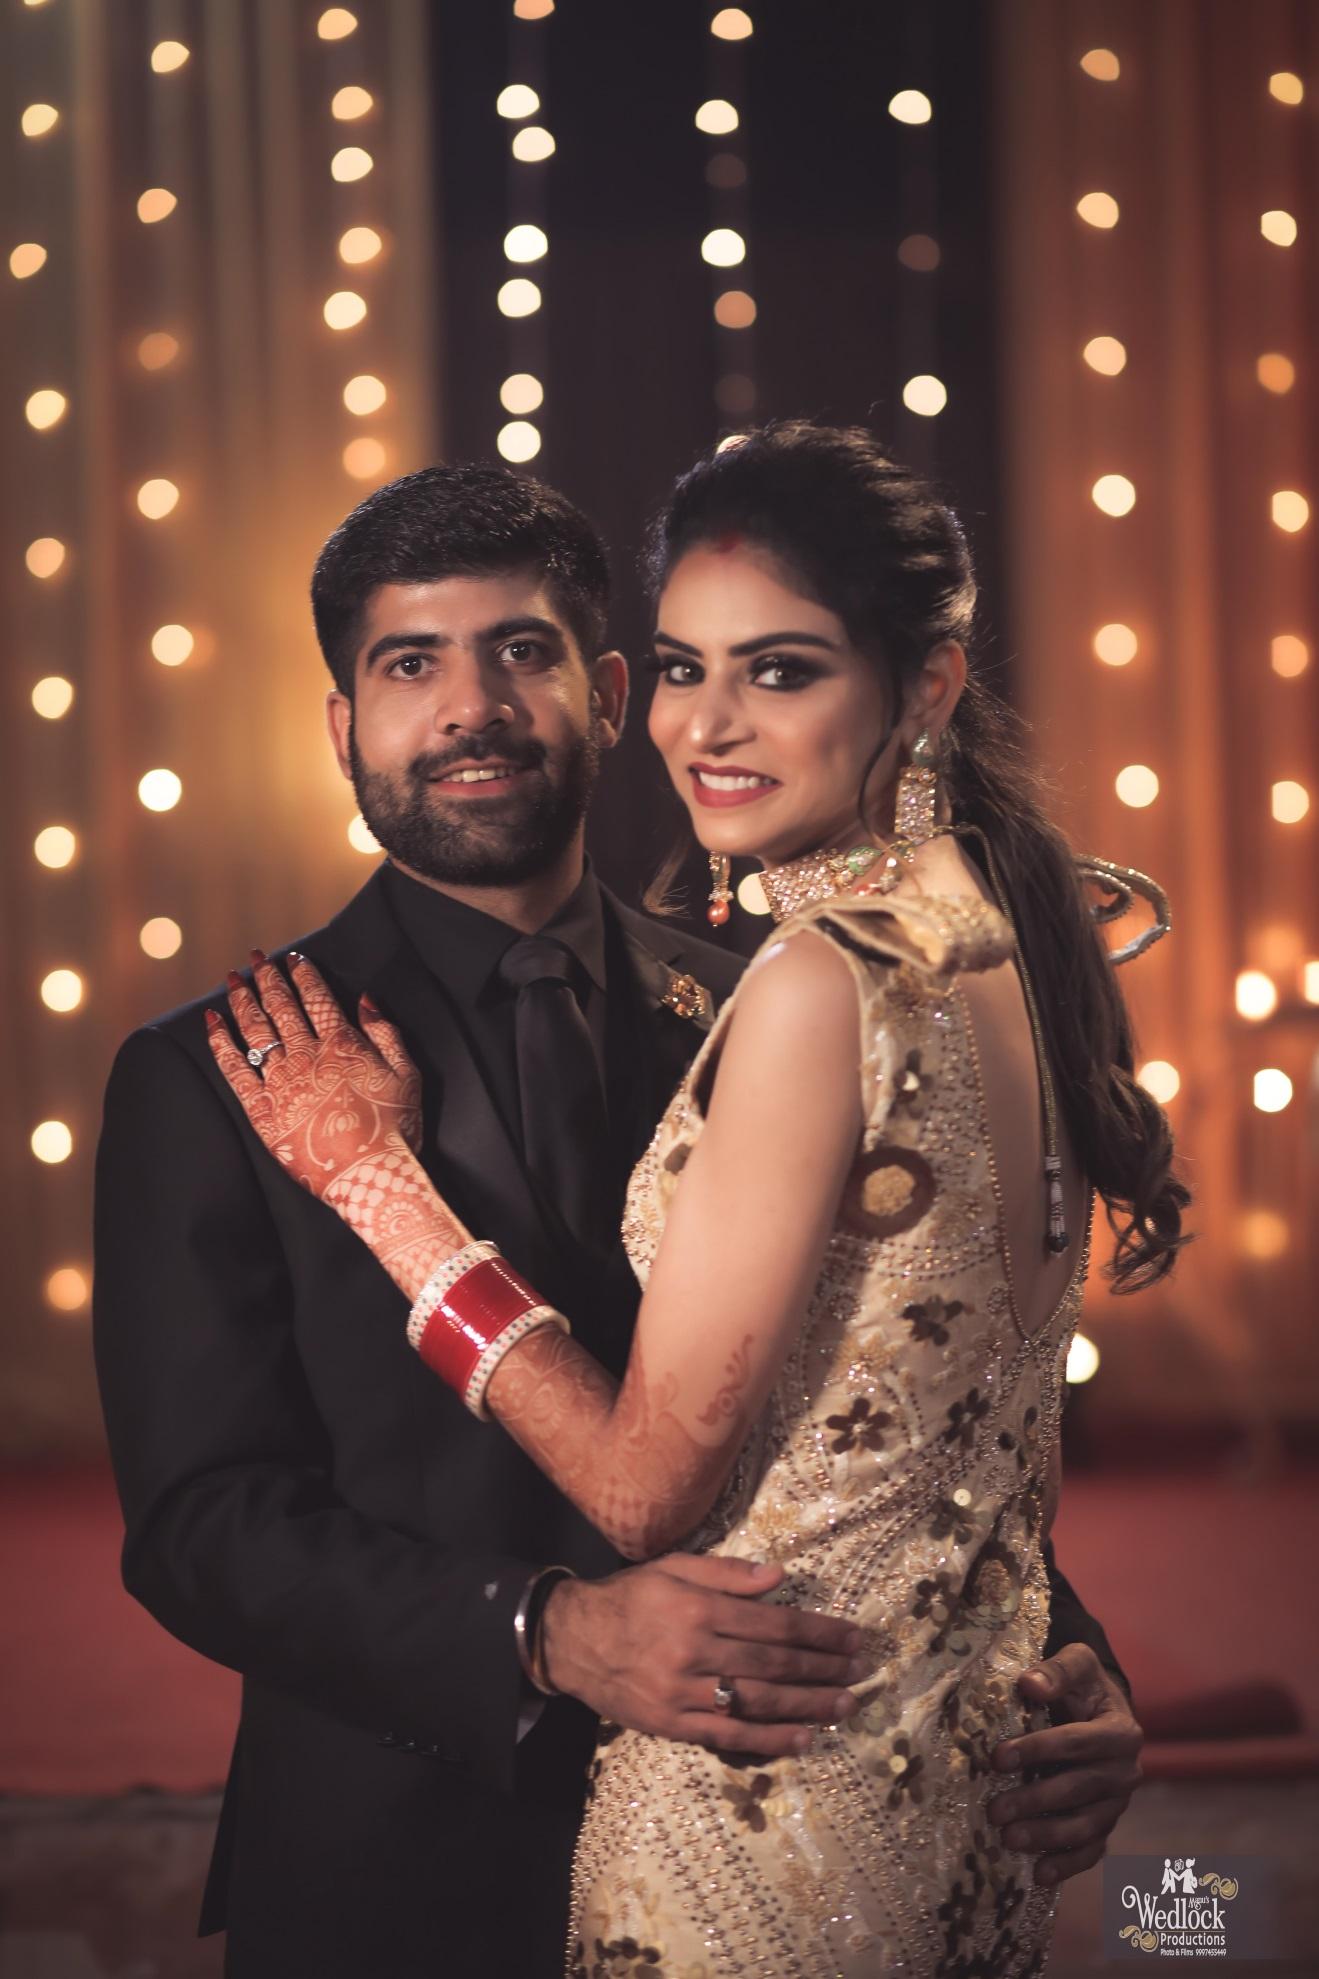 Wedding reception in Delhi